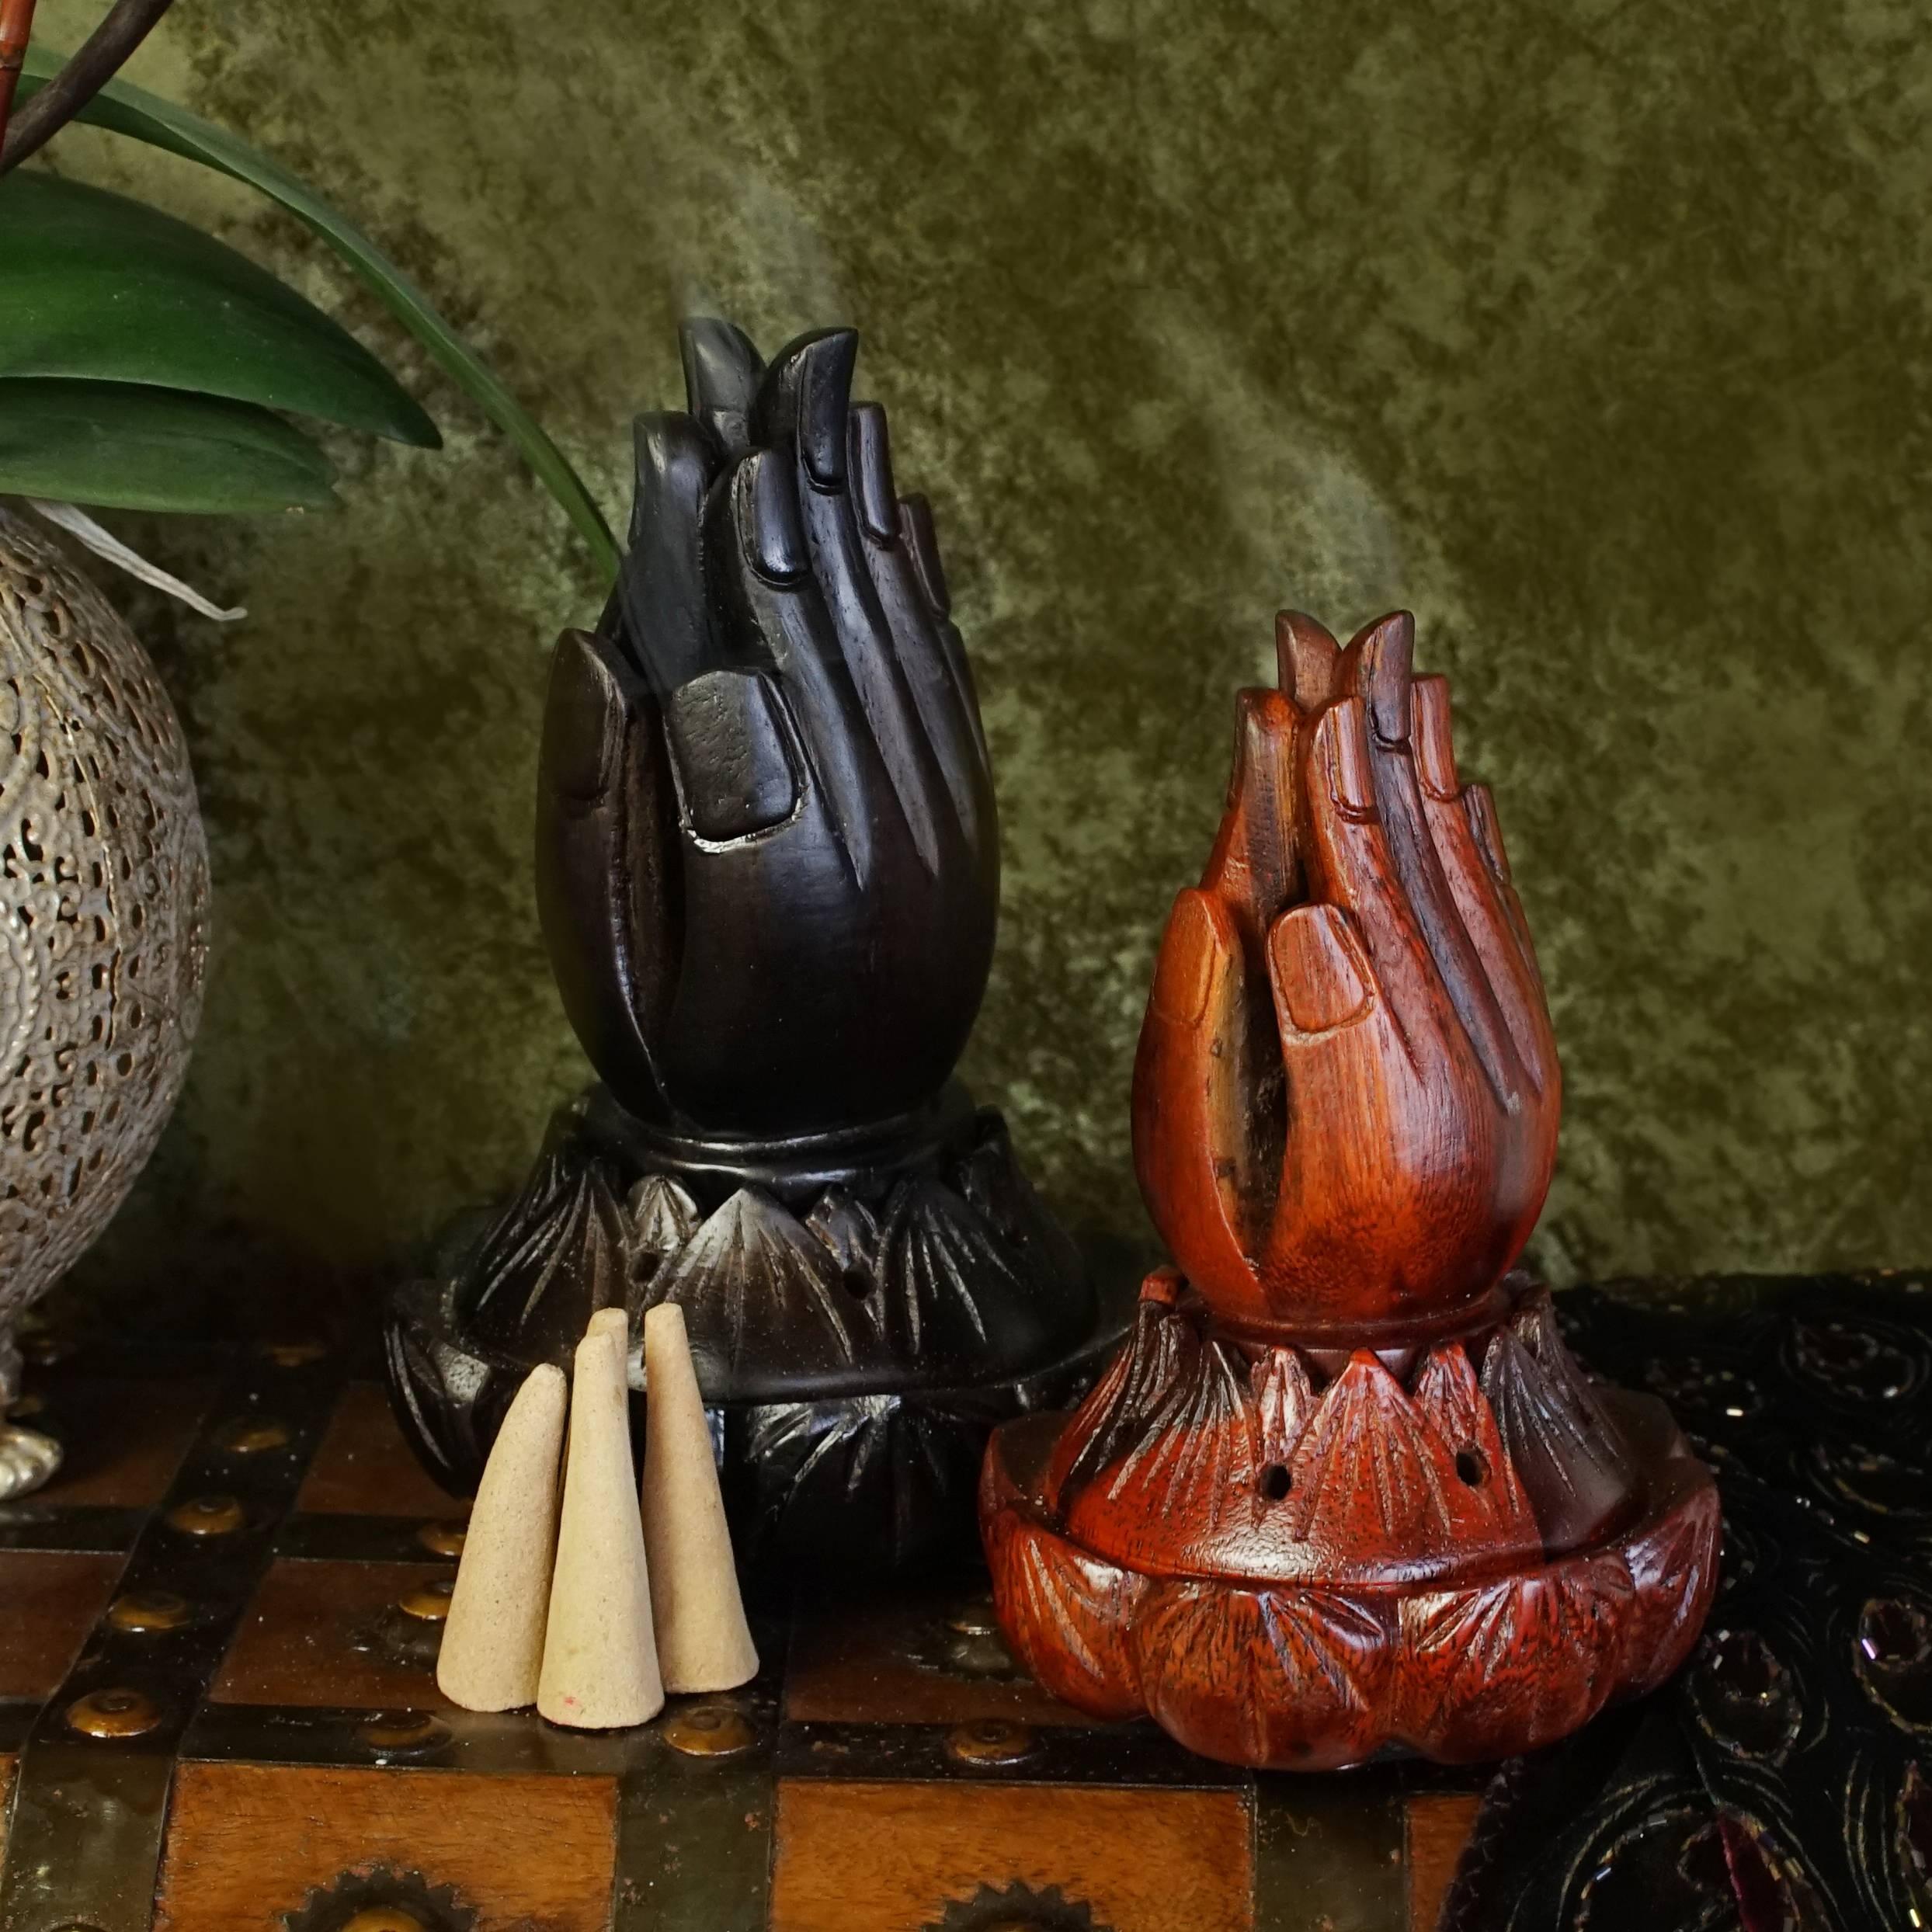 Praying Hands in Lotus Incense Burner for divine fragrance